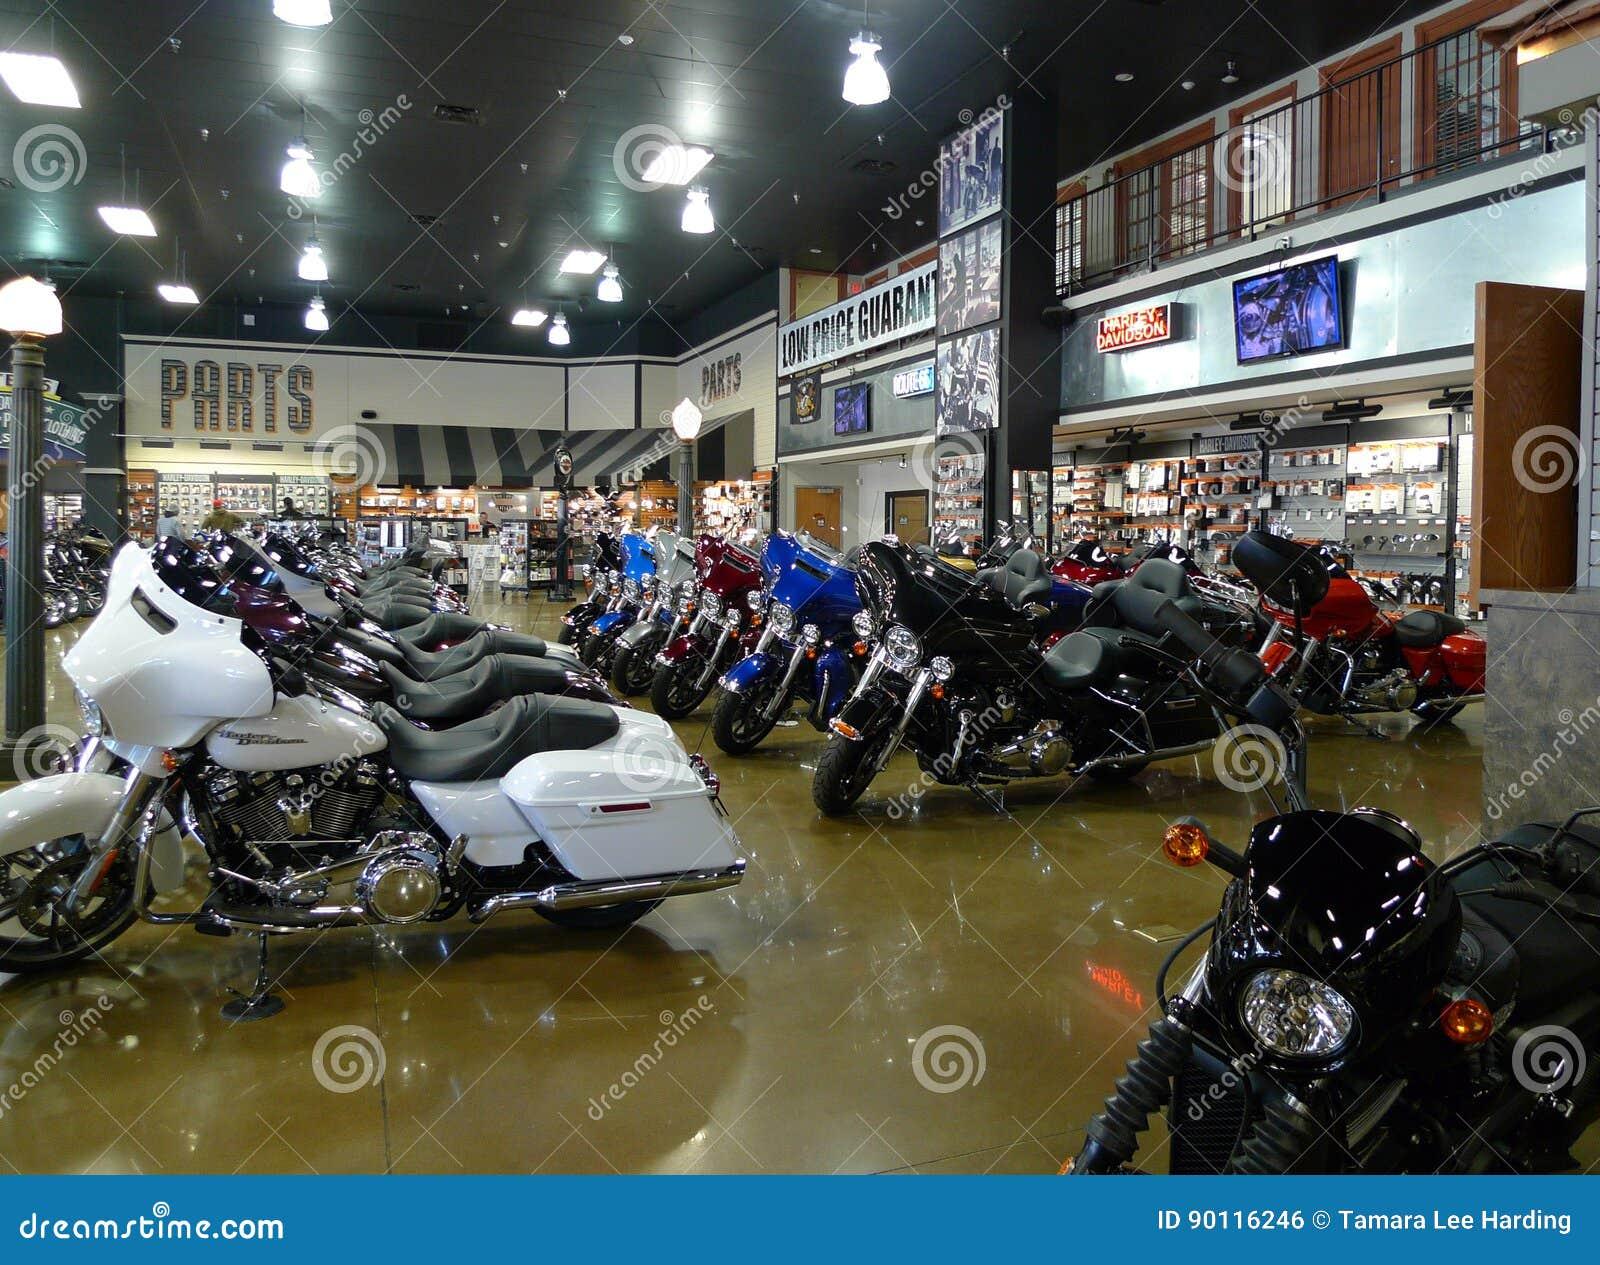 Route 66 Harley Davidson em Tulsa, Oklahoma, fileira de bicicletas novas